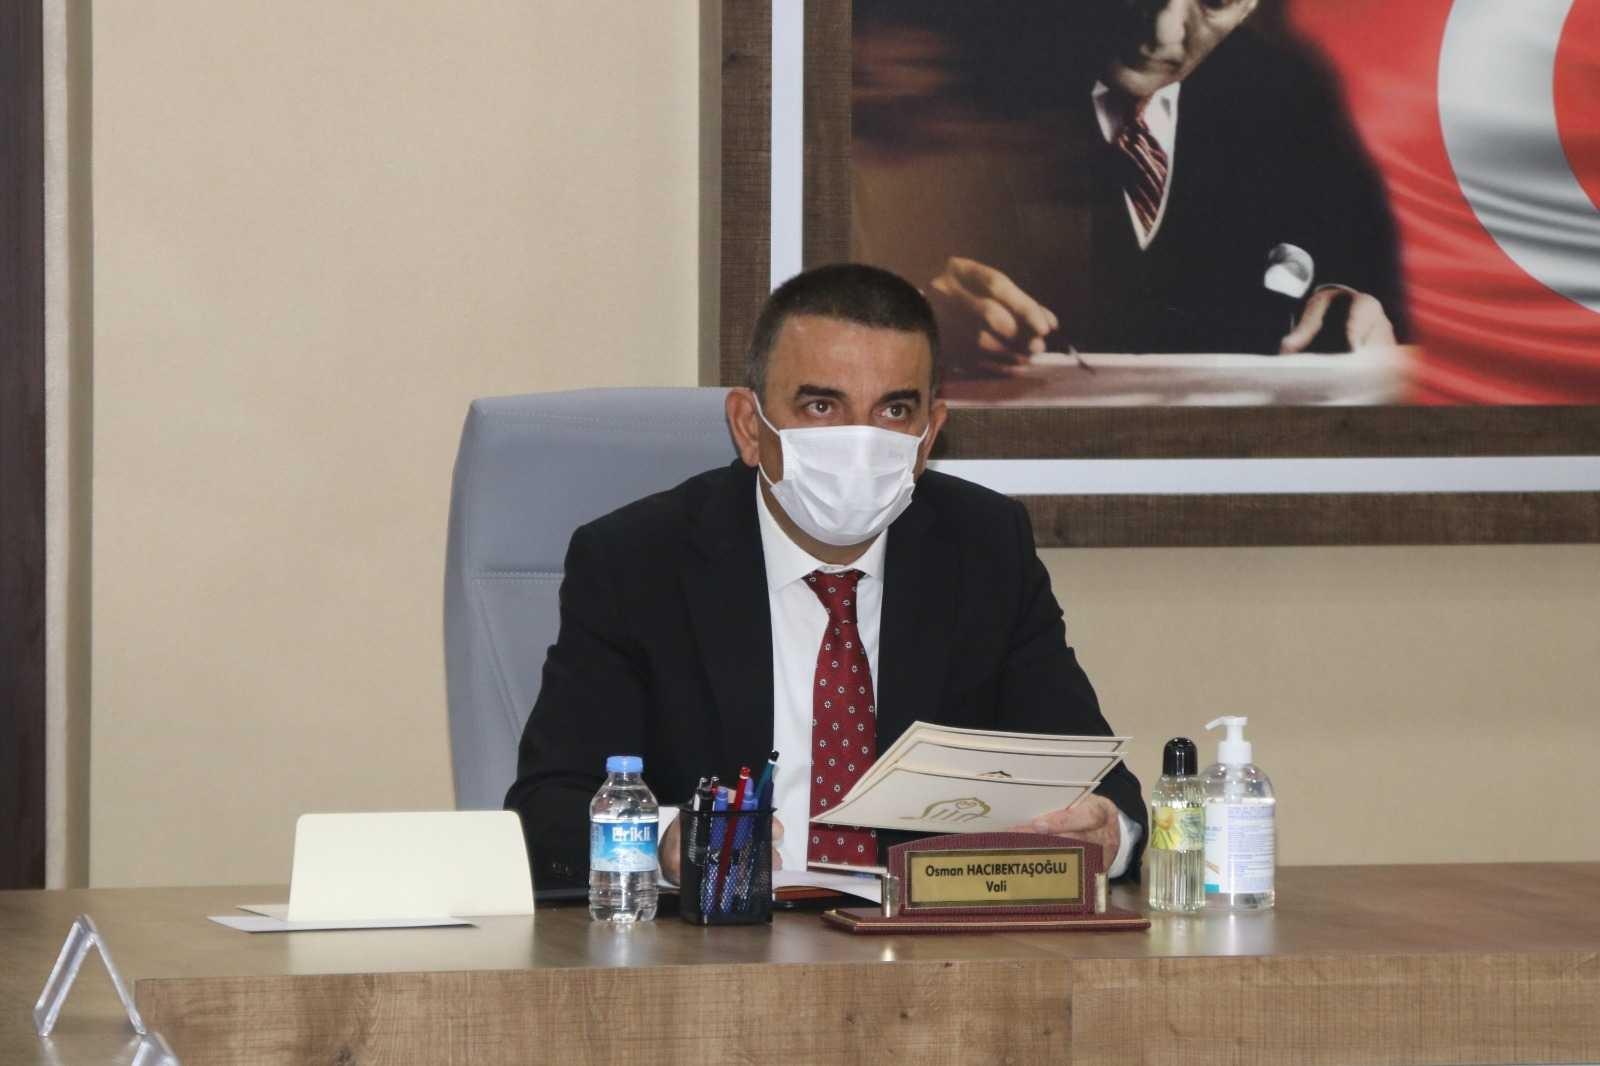 Siirt Valisi Hacıbektaşoğlu başkanlığında pandemi değerlendirme toplantısı gerçekleştirildi